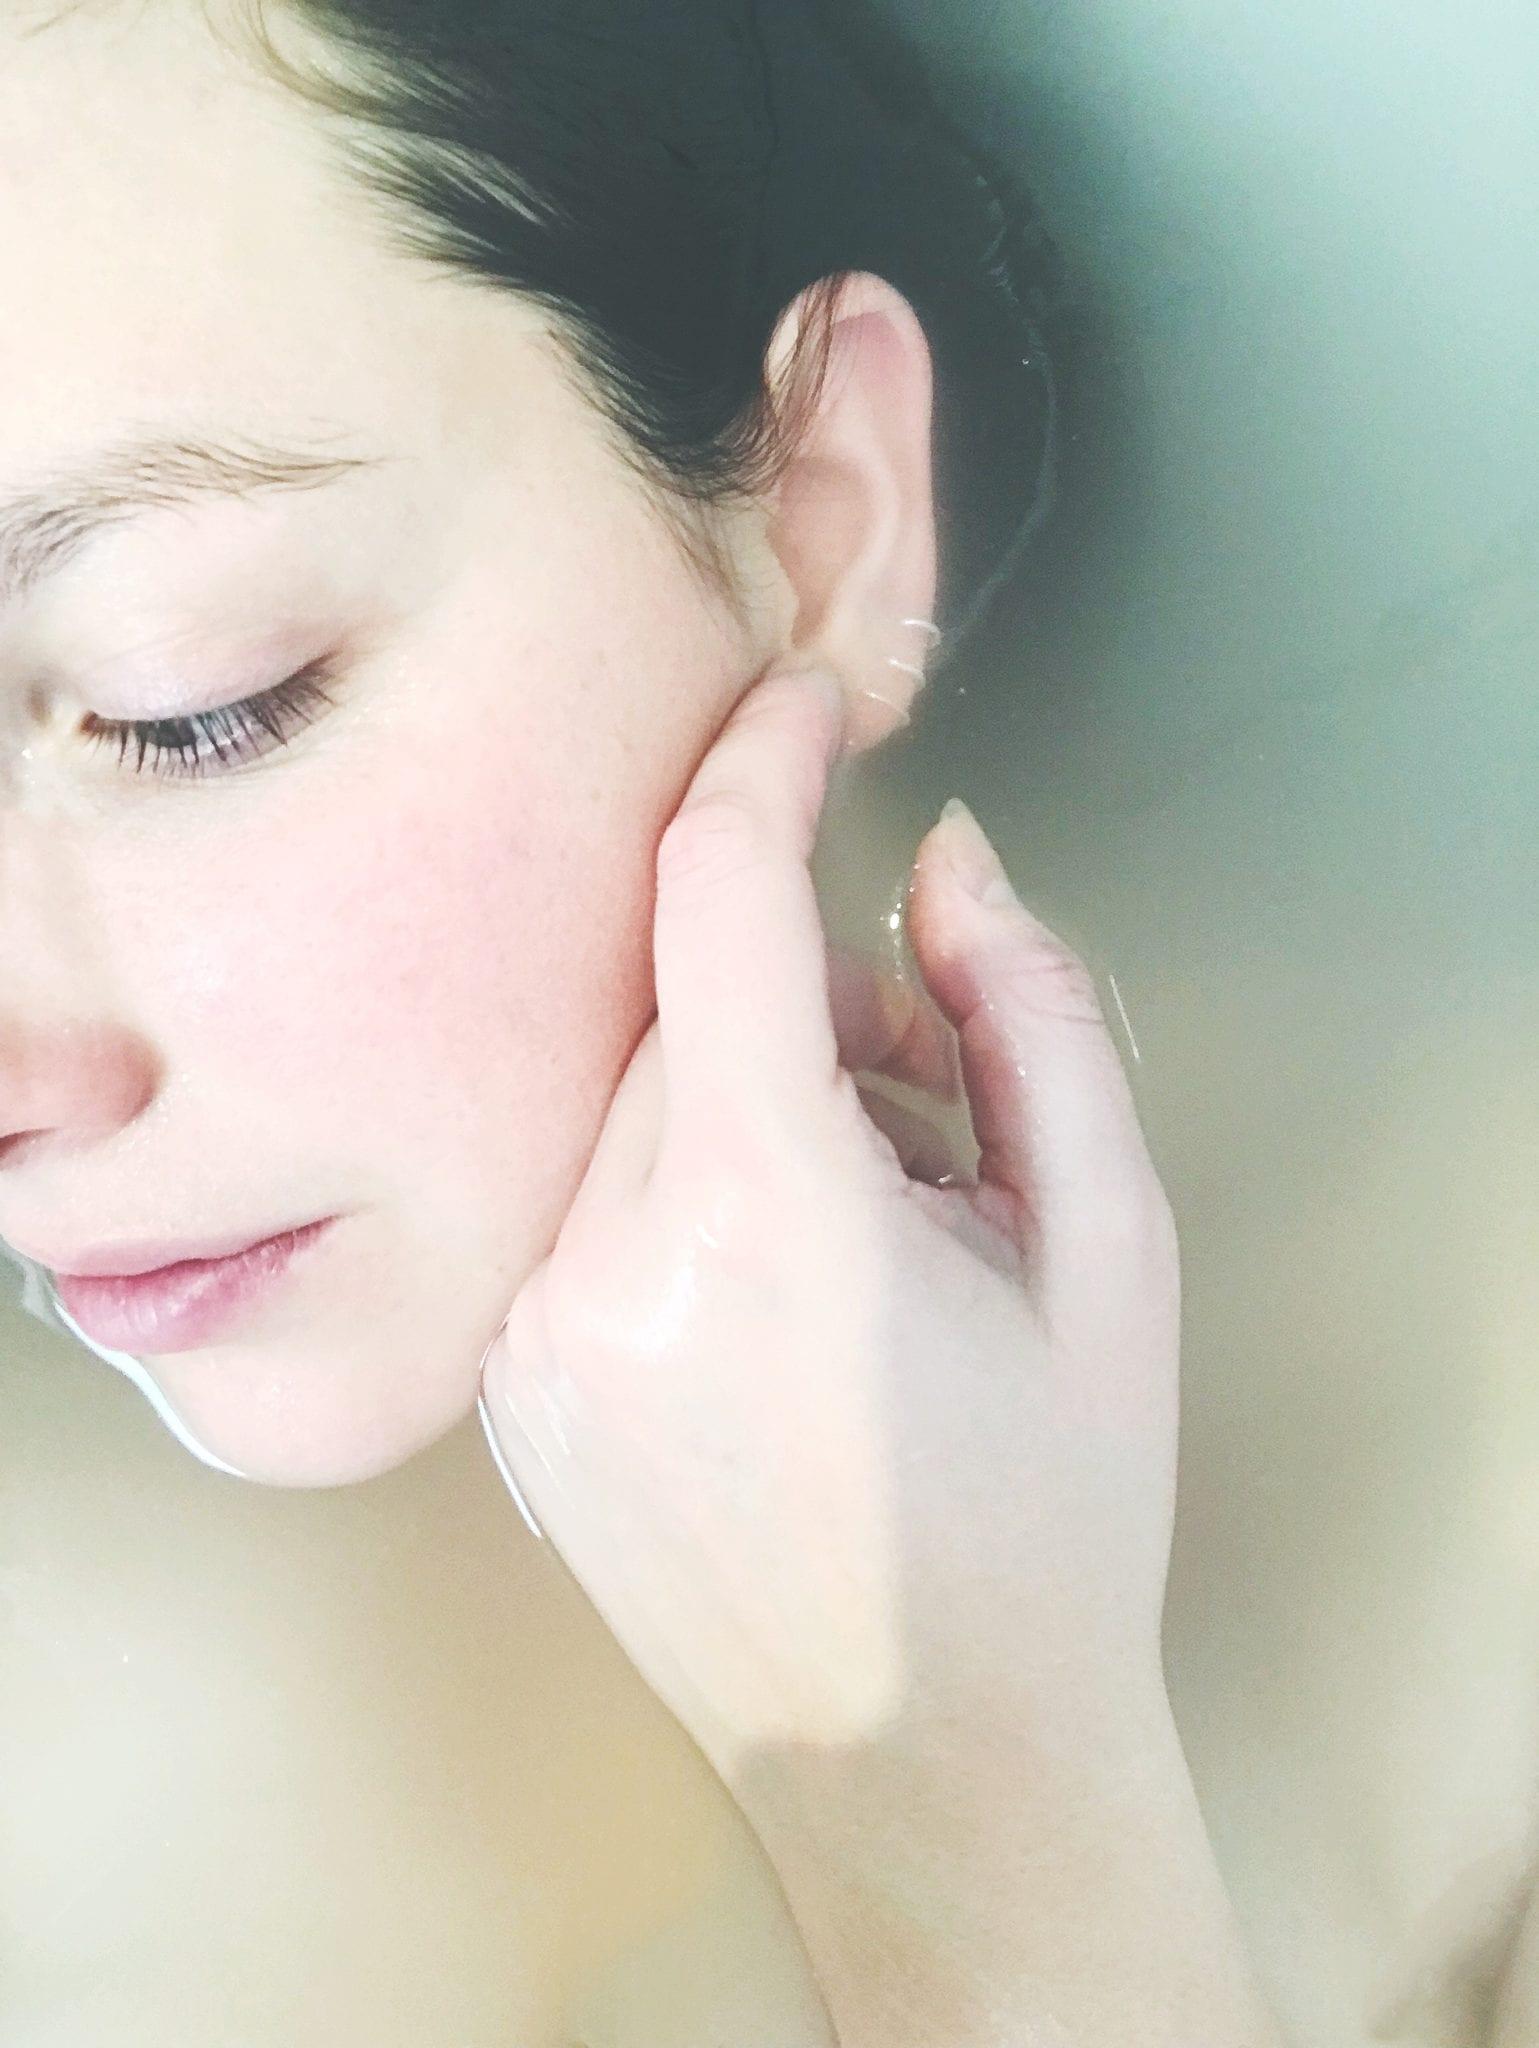 ผิวแห้ง ครีมบำรุง ผิวหน้า สกินแคร์ ครีมทาผิว laneige water bank essence EX Cetaphil Gentle Skin Cleanser for all skin type Hatomugi Skin Conditioner lotion & gel Sulwhasoo First Care Activating Mask Careline Placenta Cream with Collagen & VE